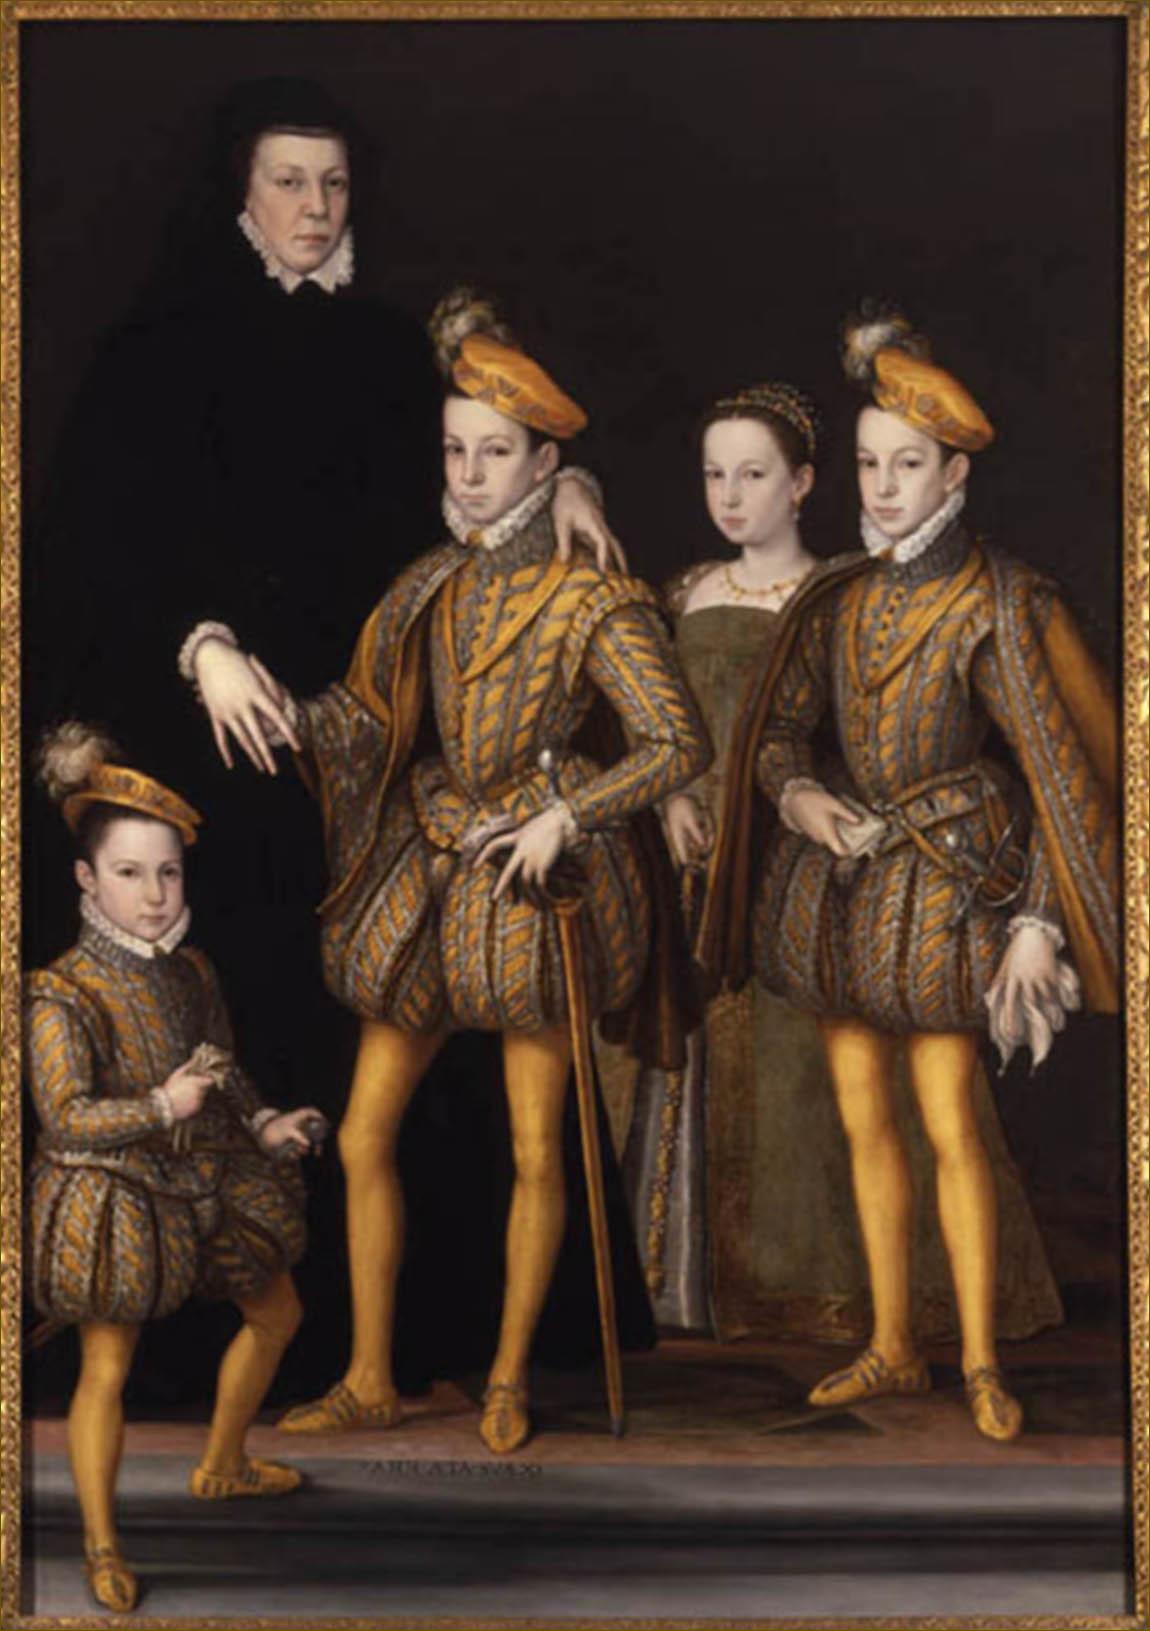 Catherine de Médicis, reine de France, en 1561, avec quatre de ses enfants, par Clouet